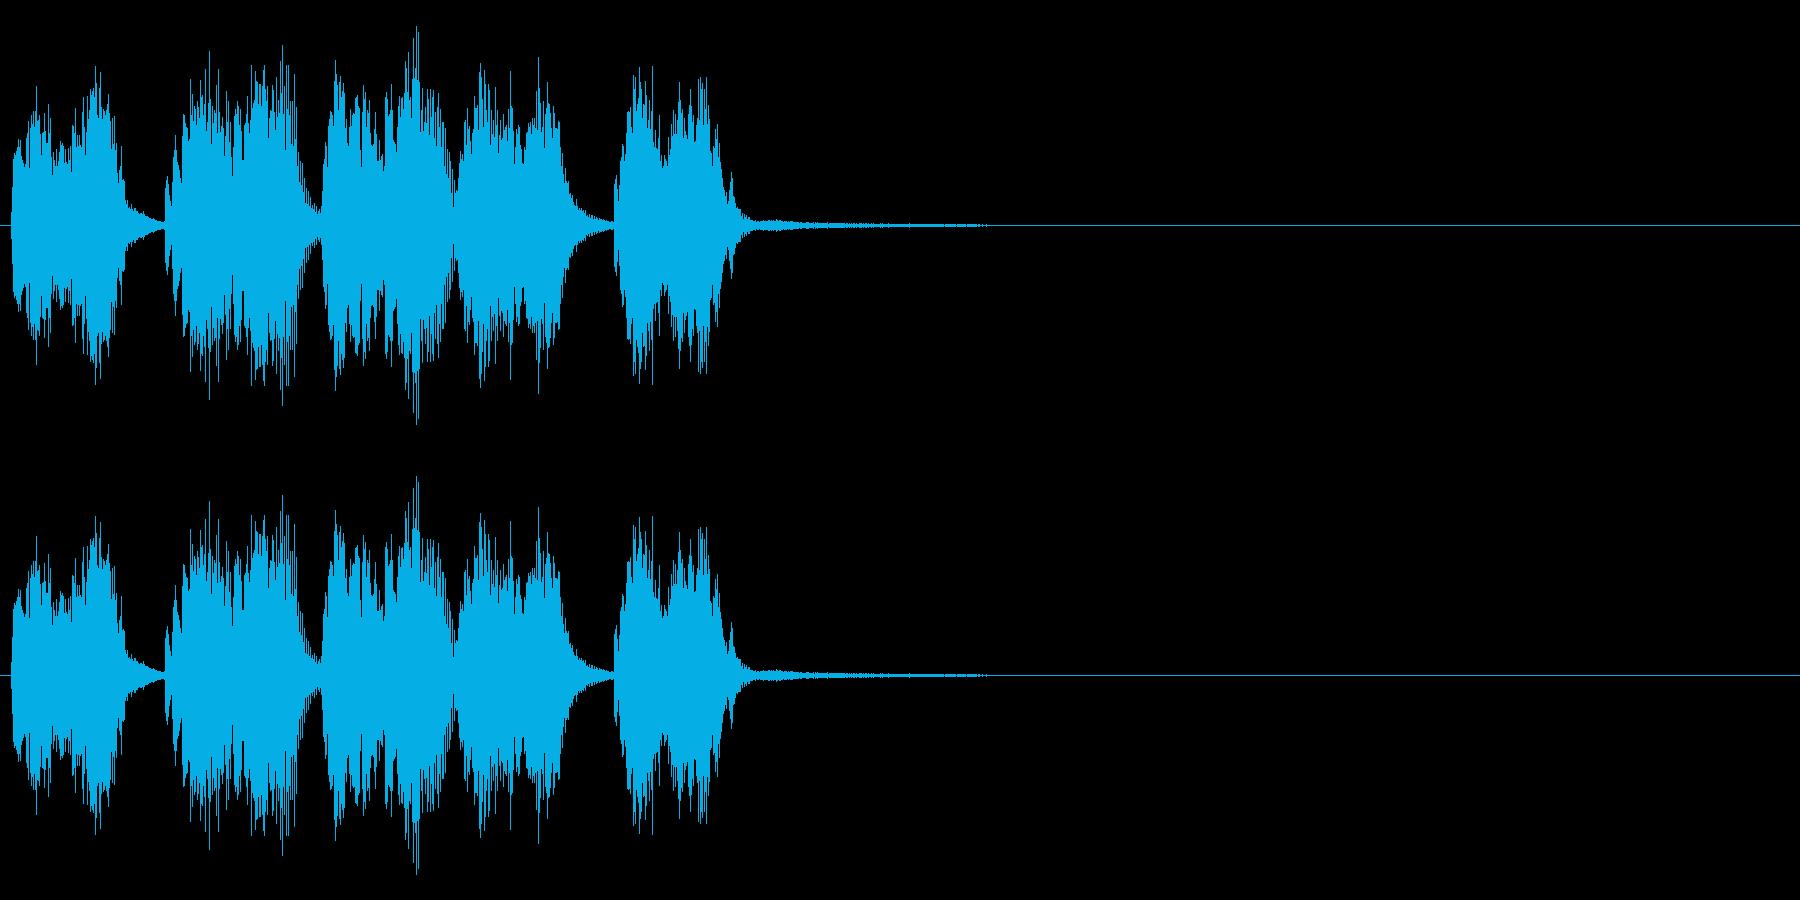 ピアノシングル、事件の予兆の再生済みの波形